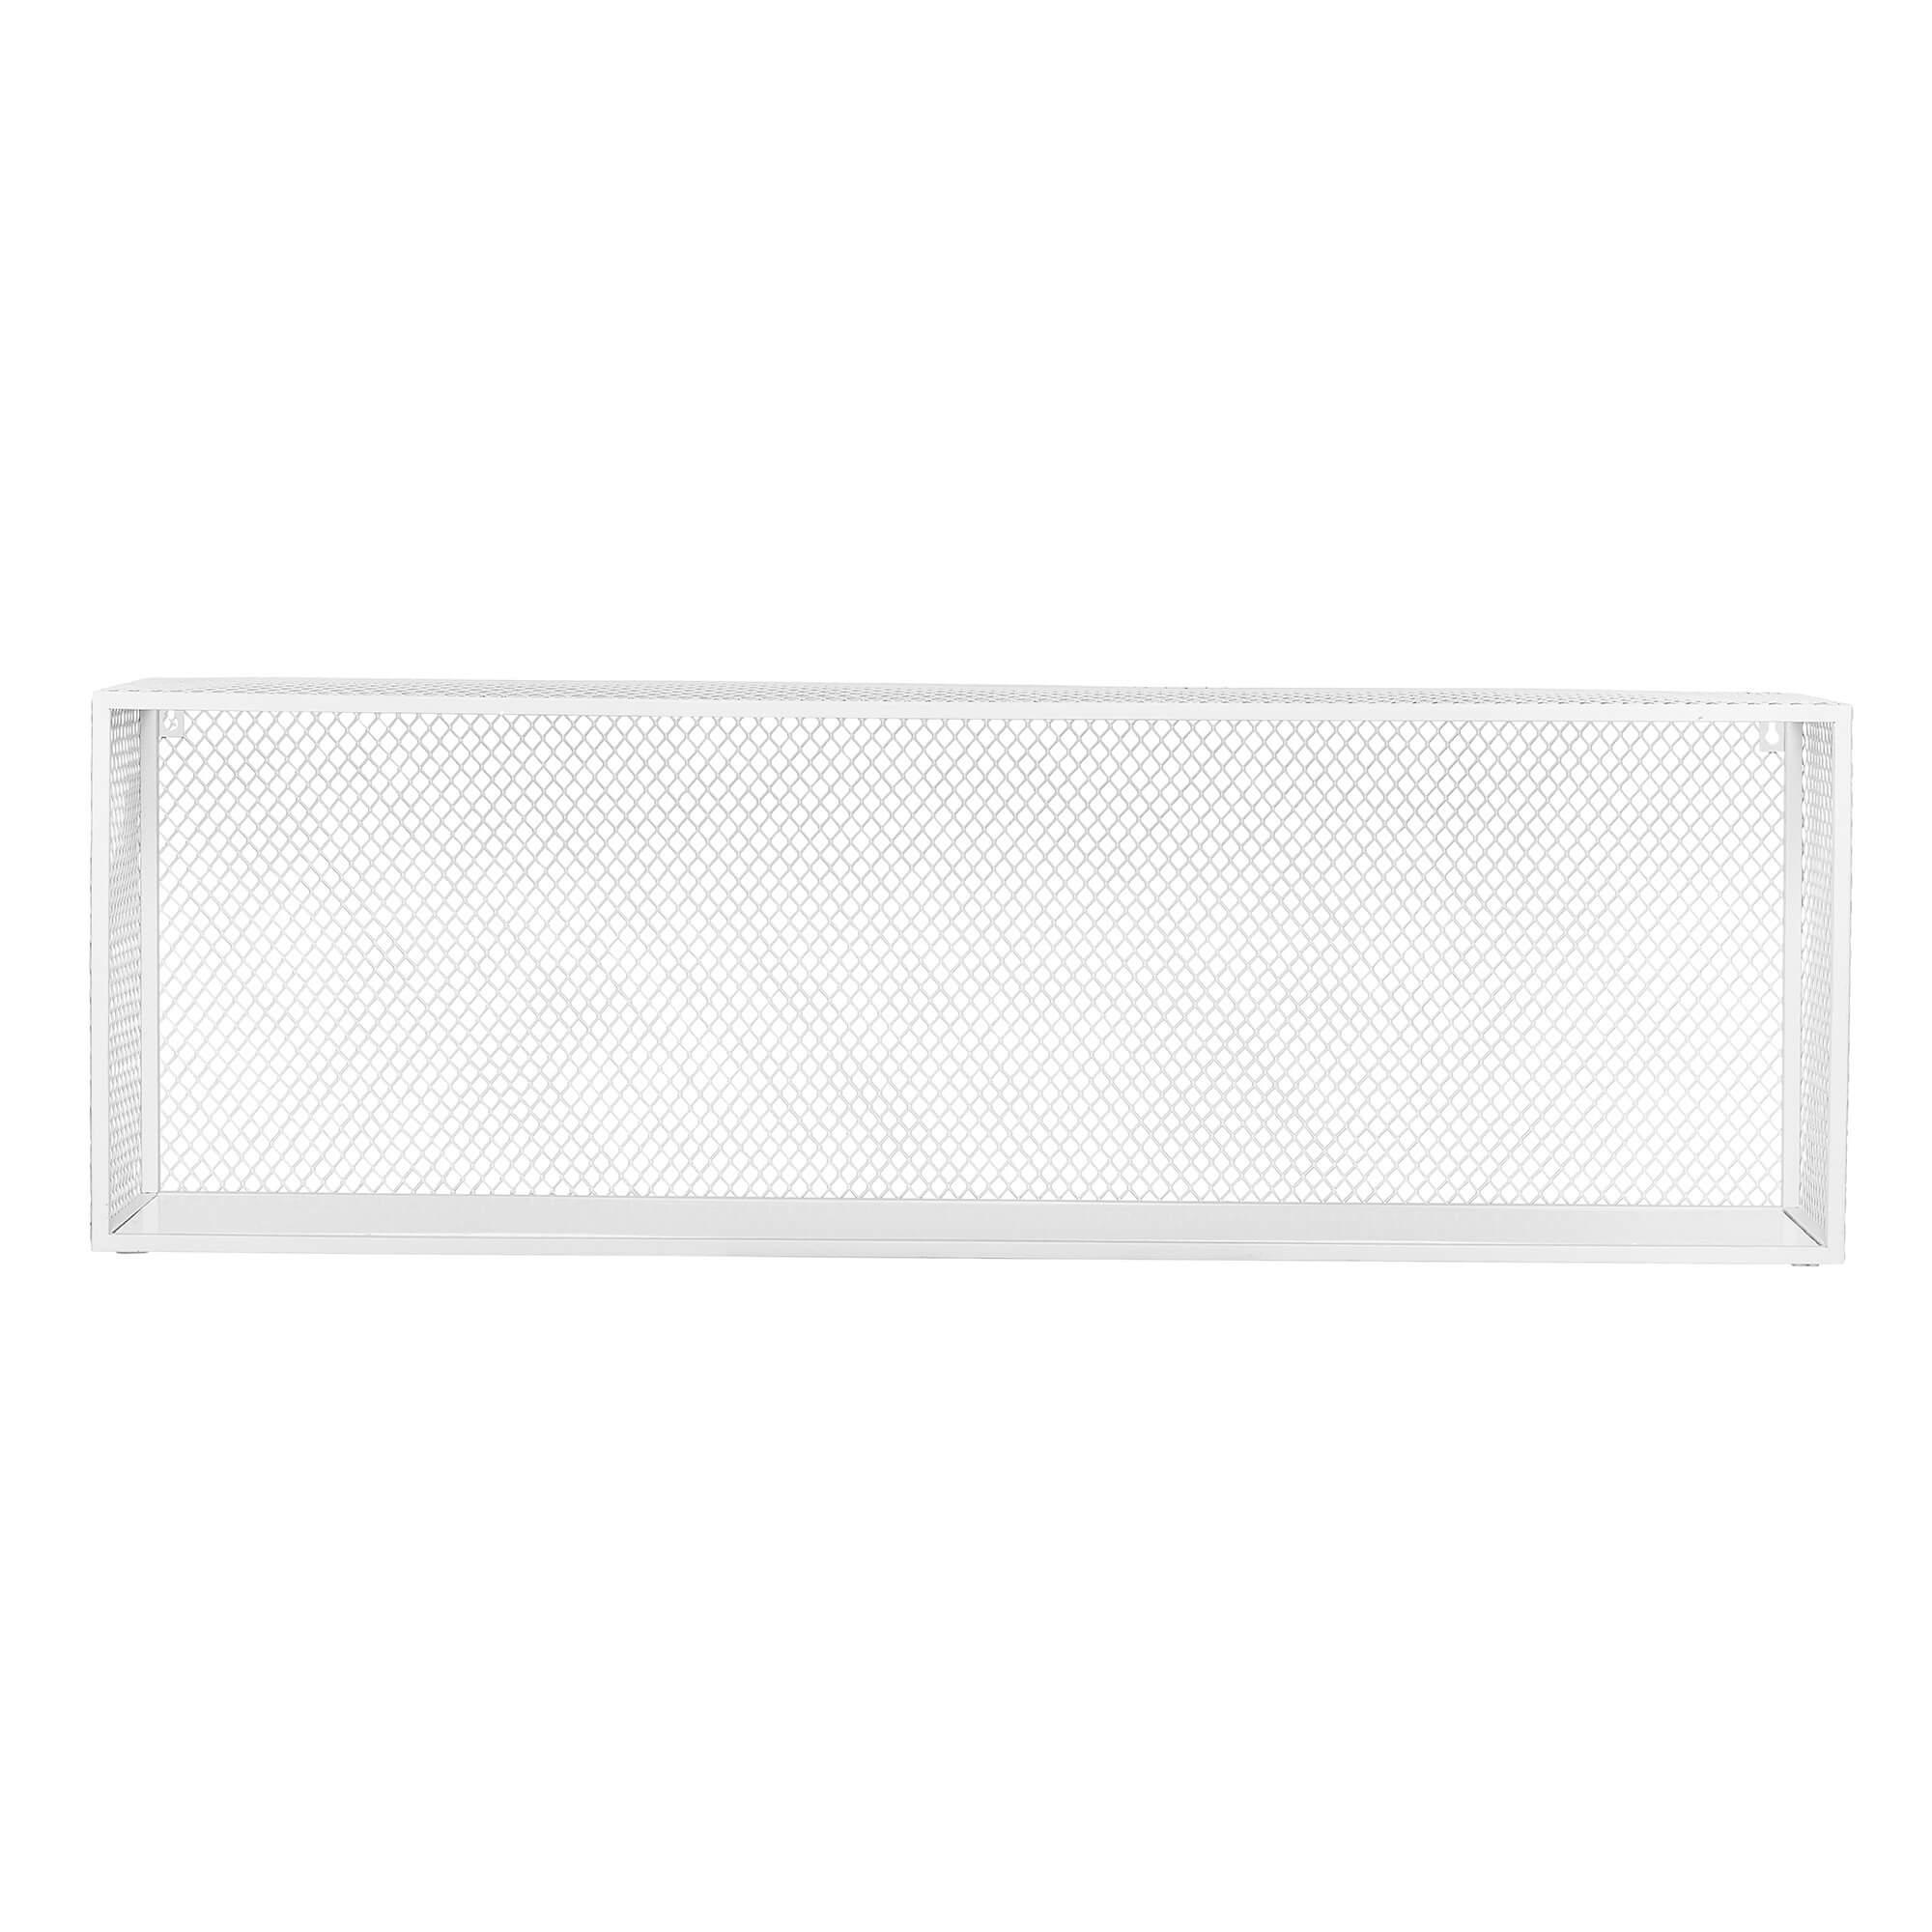 bloomingville – Bloomingville caido display kasse til ophæng - hvid/metal og mdf på boboonline.dk